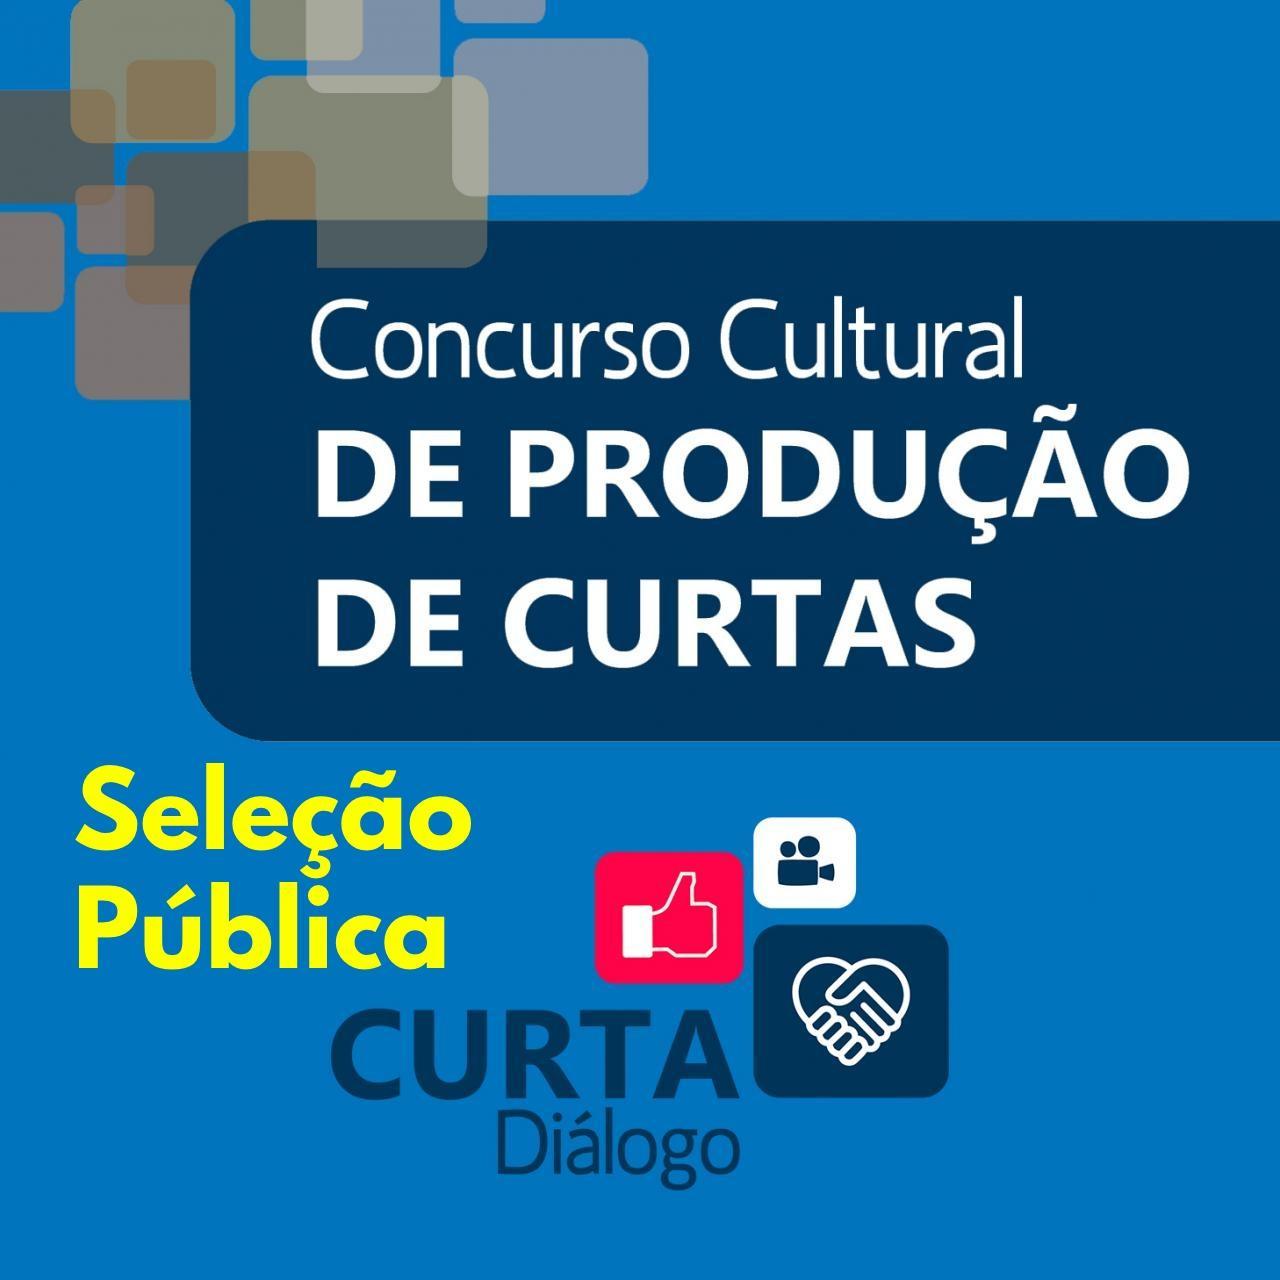 Concurso Cultural de Curtas - Seleção Pública